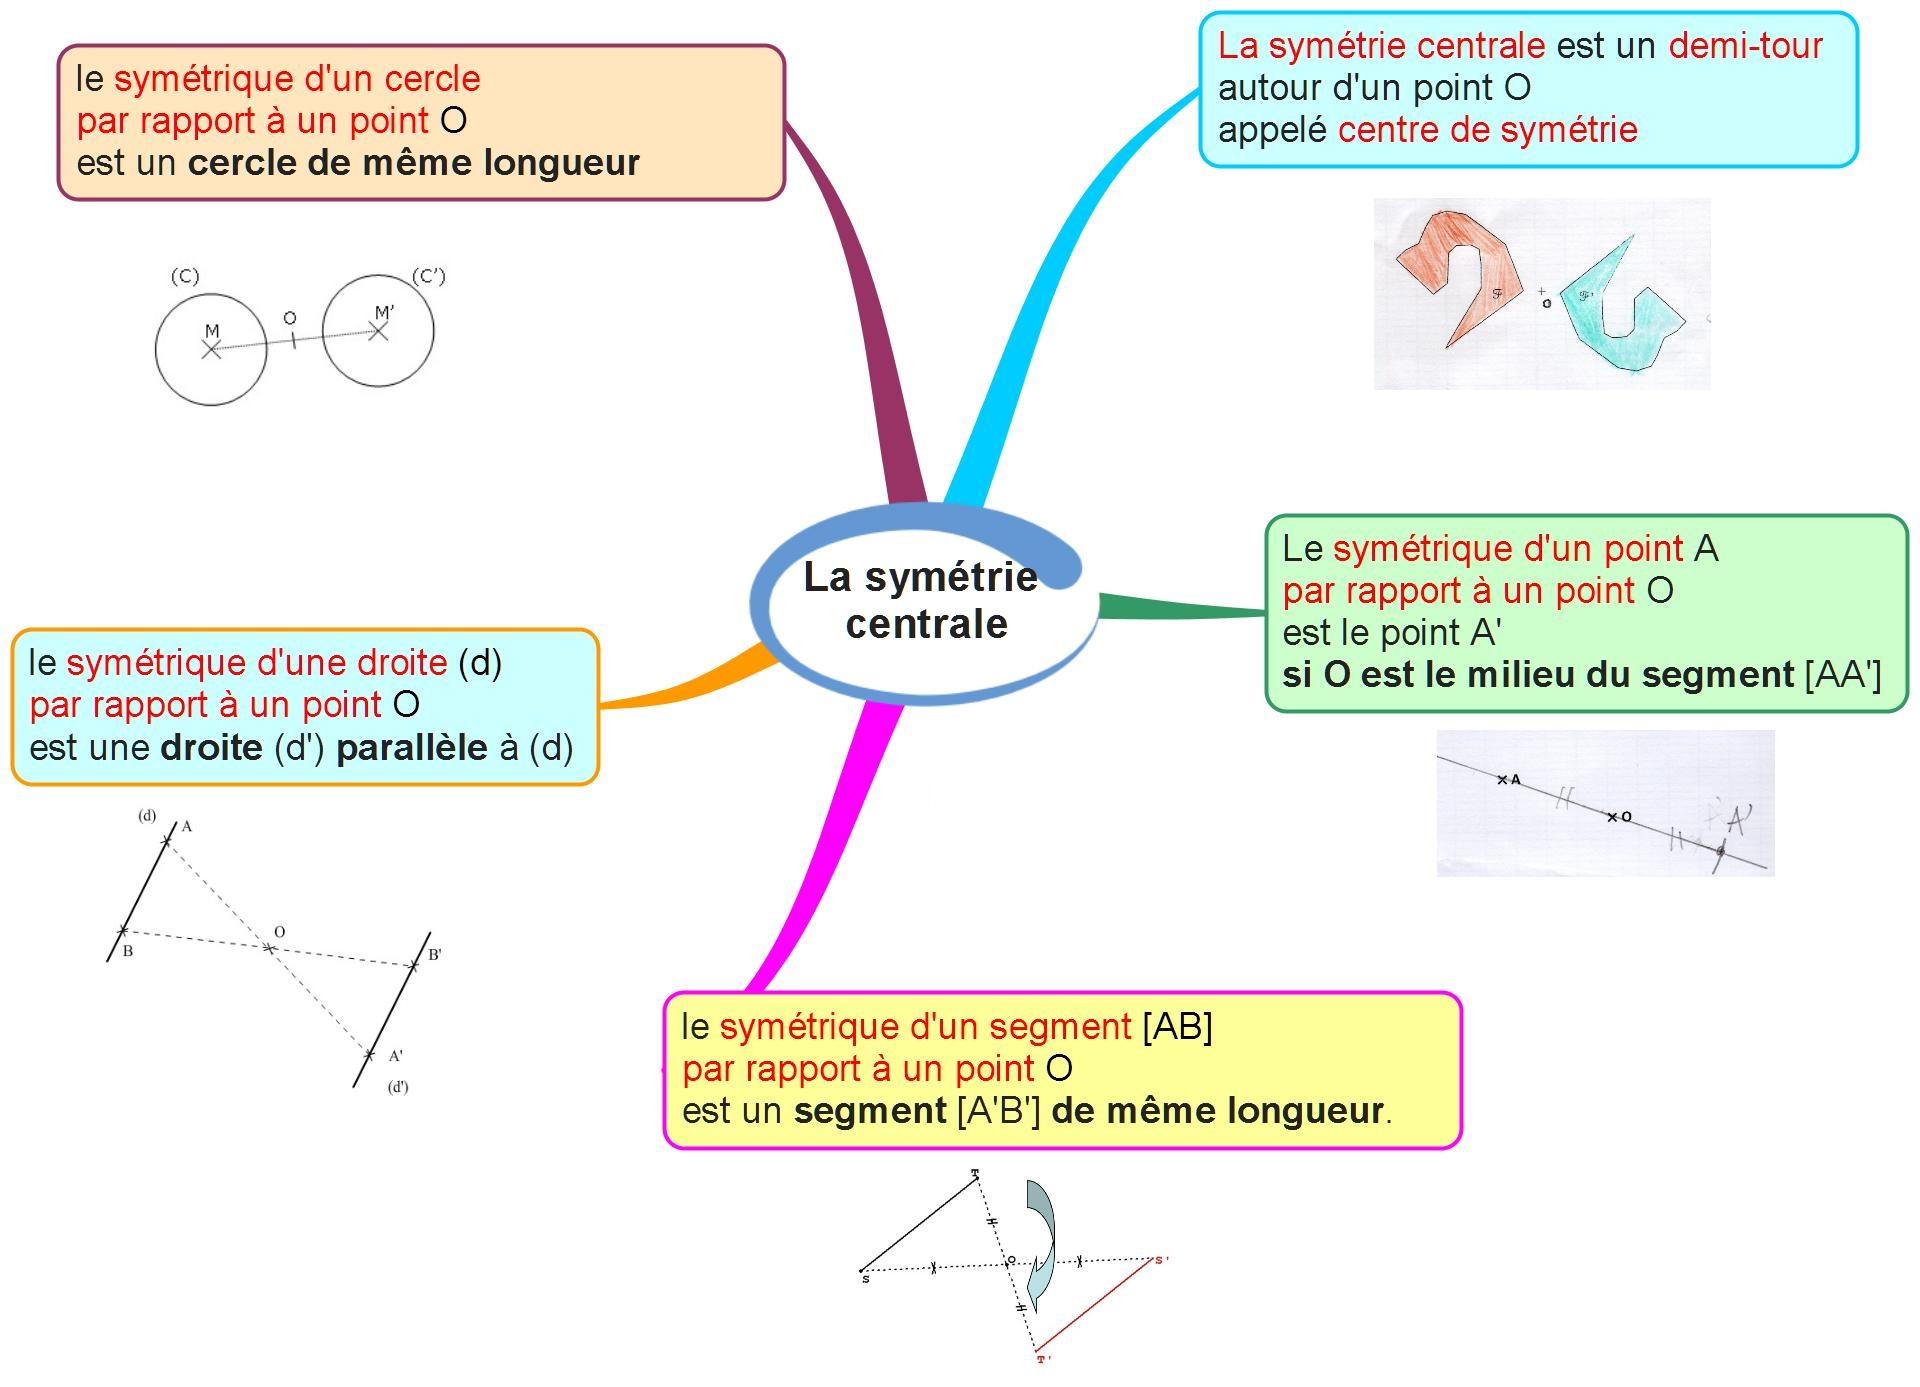 la-symetrie-centrale-carte-mentale